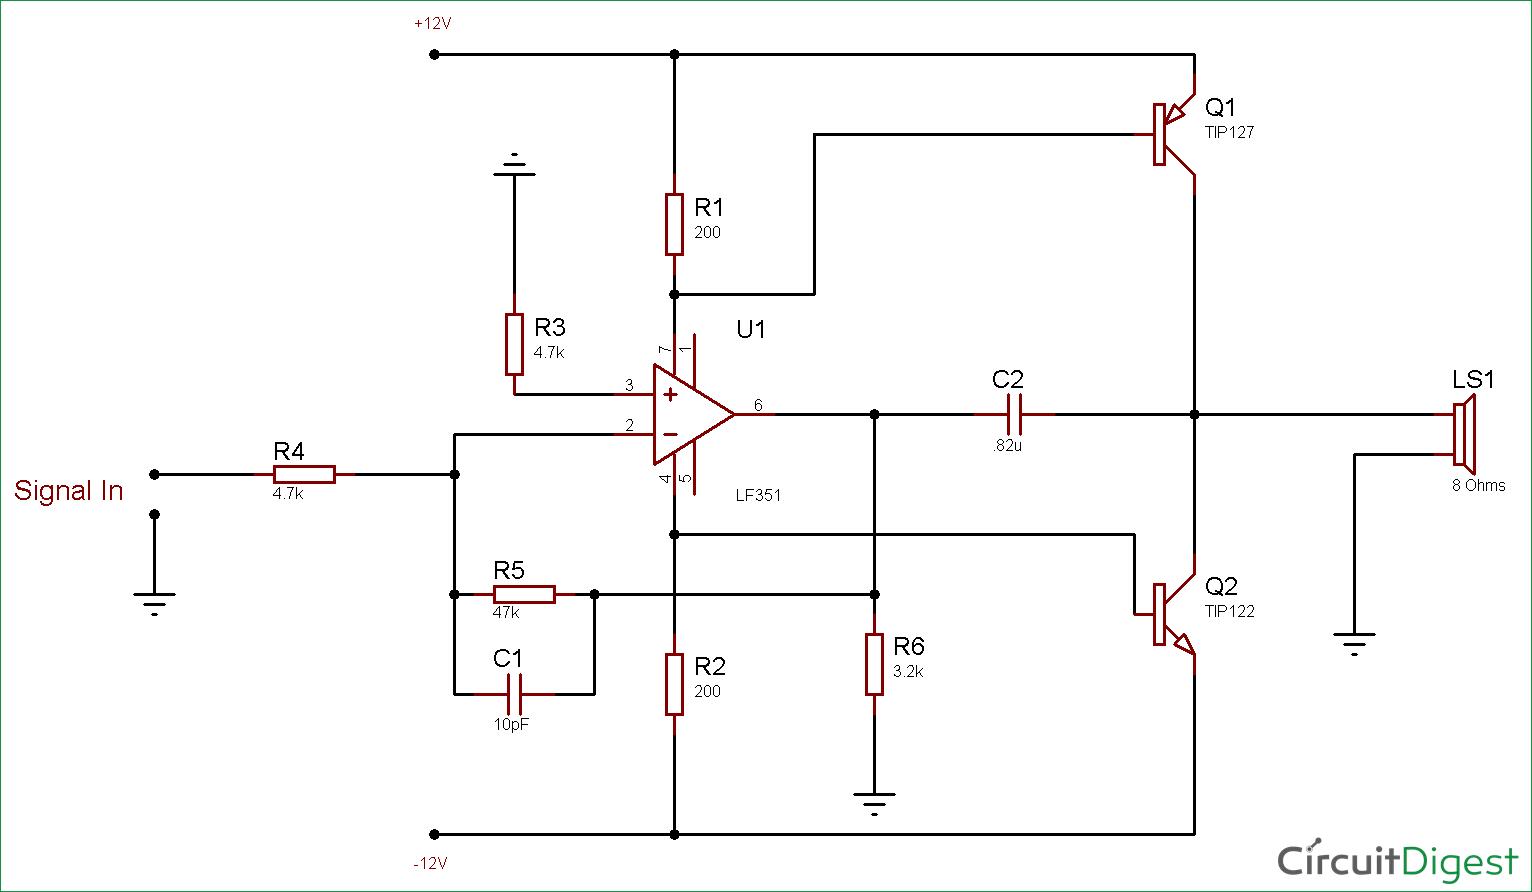 Circuit Diagram For 10 Watt Audio Amplifier Using Op Amp